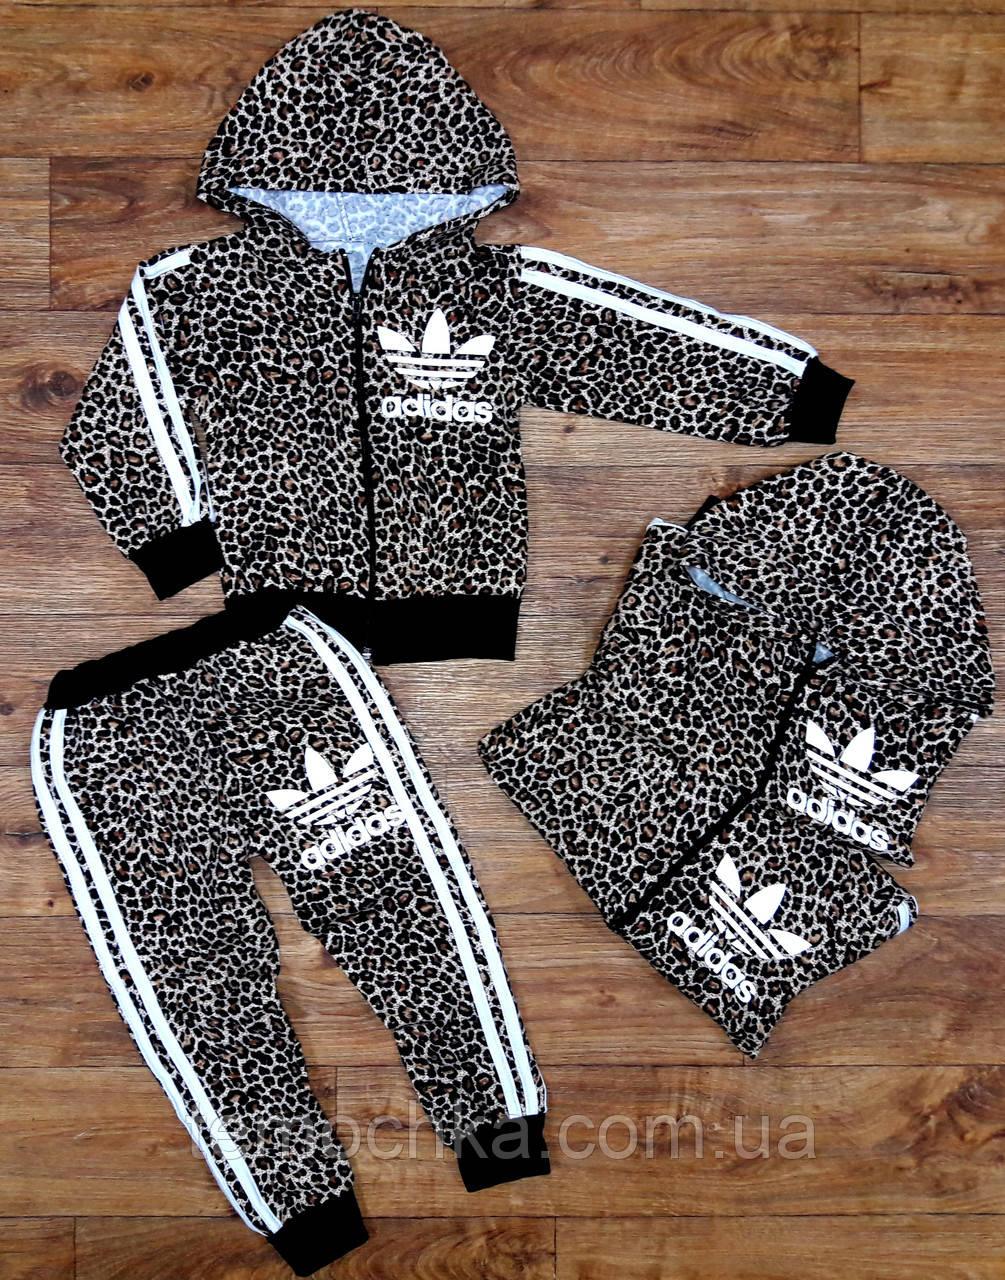 Спортивный костюм леопардовый Adidas для девочек.